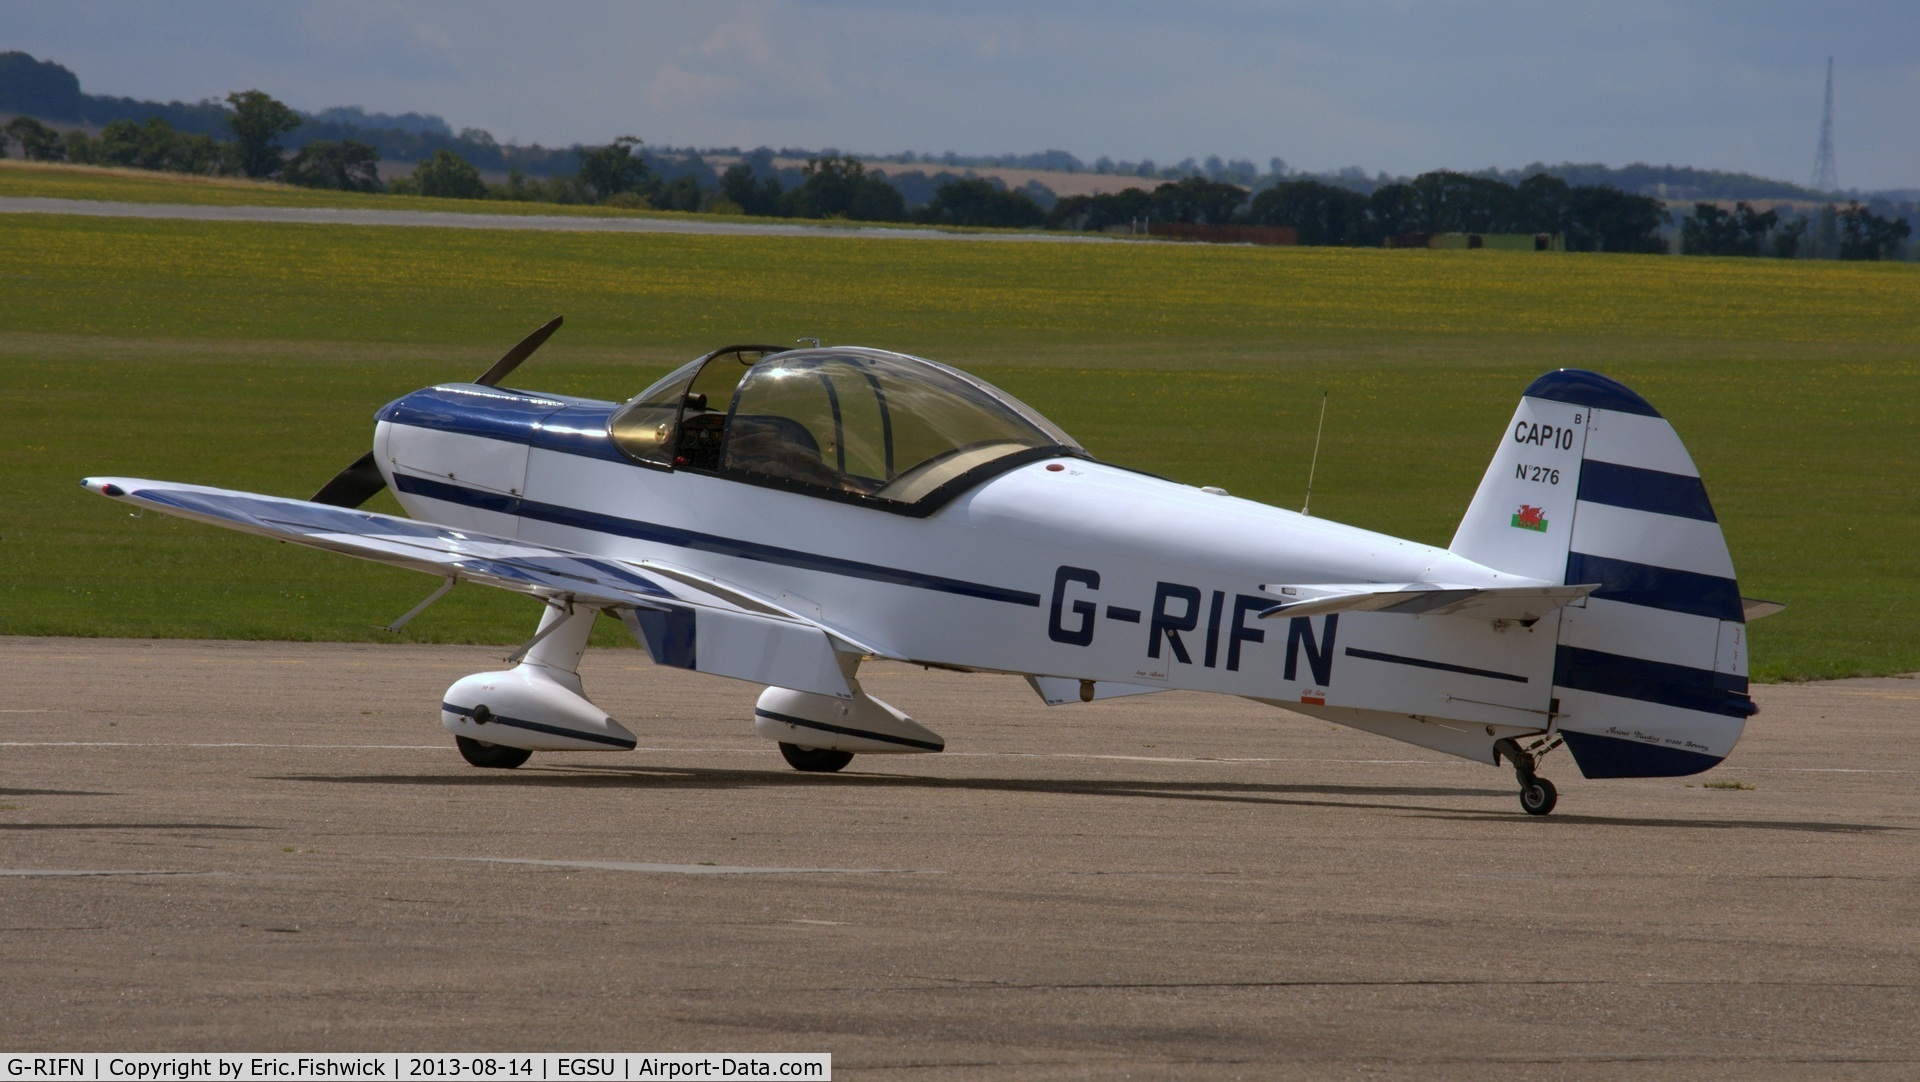 G-RIFN, 1995 Mudry CAP-10B C/N 276, 1. G-RIFN visiting Duxford Airfield.